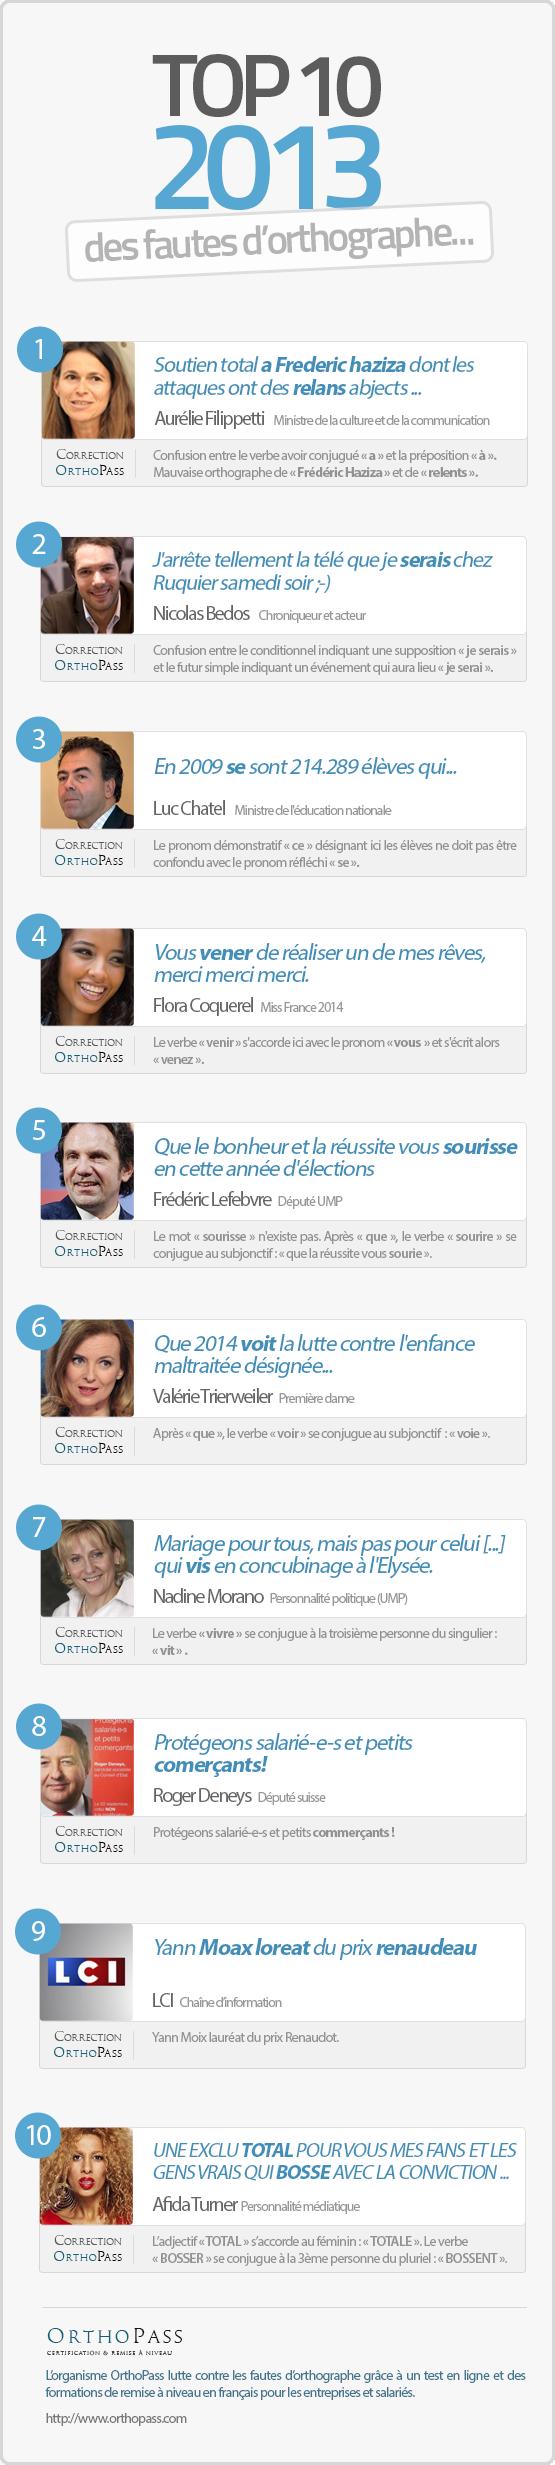 TOP 10 des fautes d'orthographe 2013 des personnalités